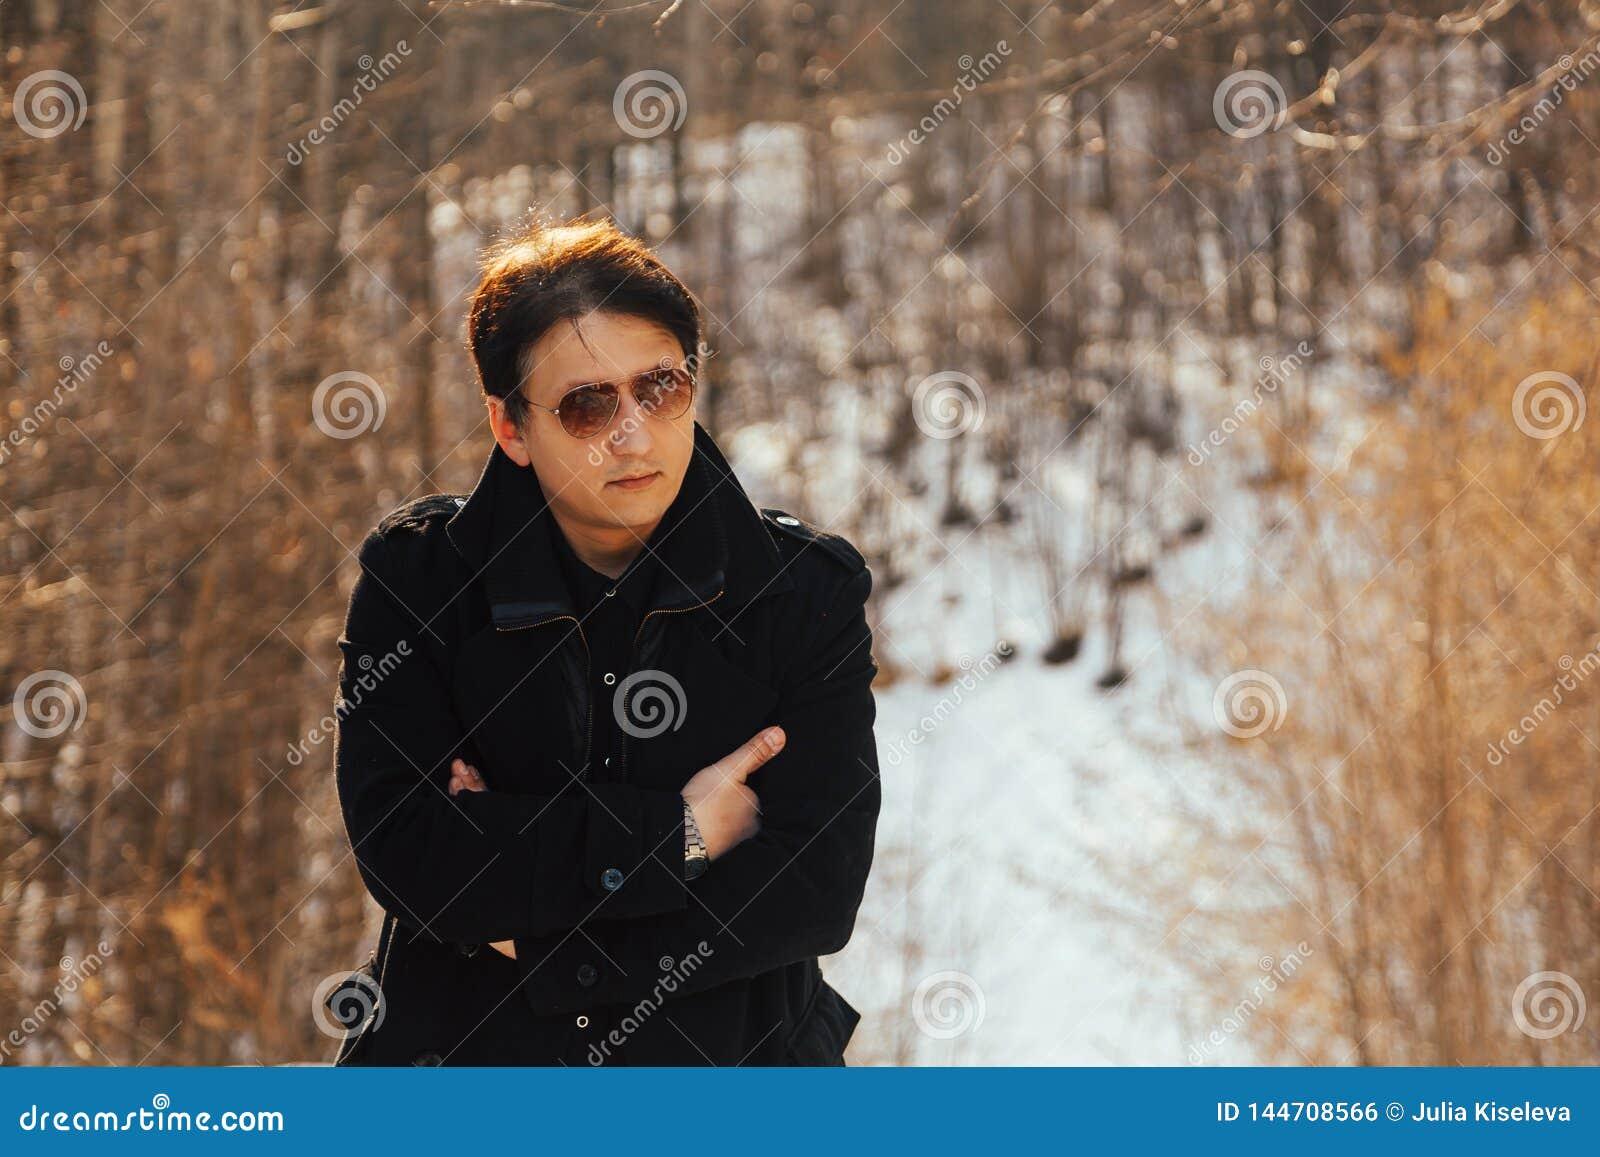 Un hombre joven en una capa y gafas de sol en naturaleza